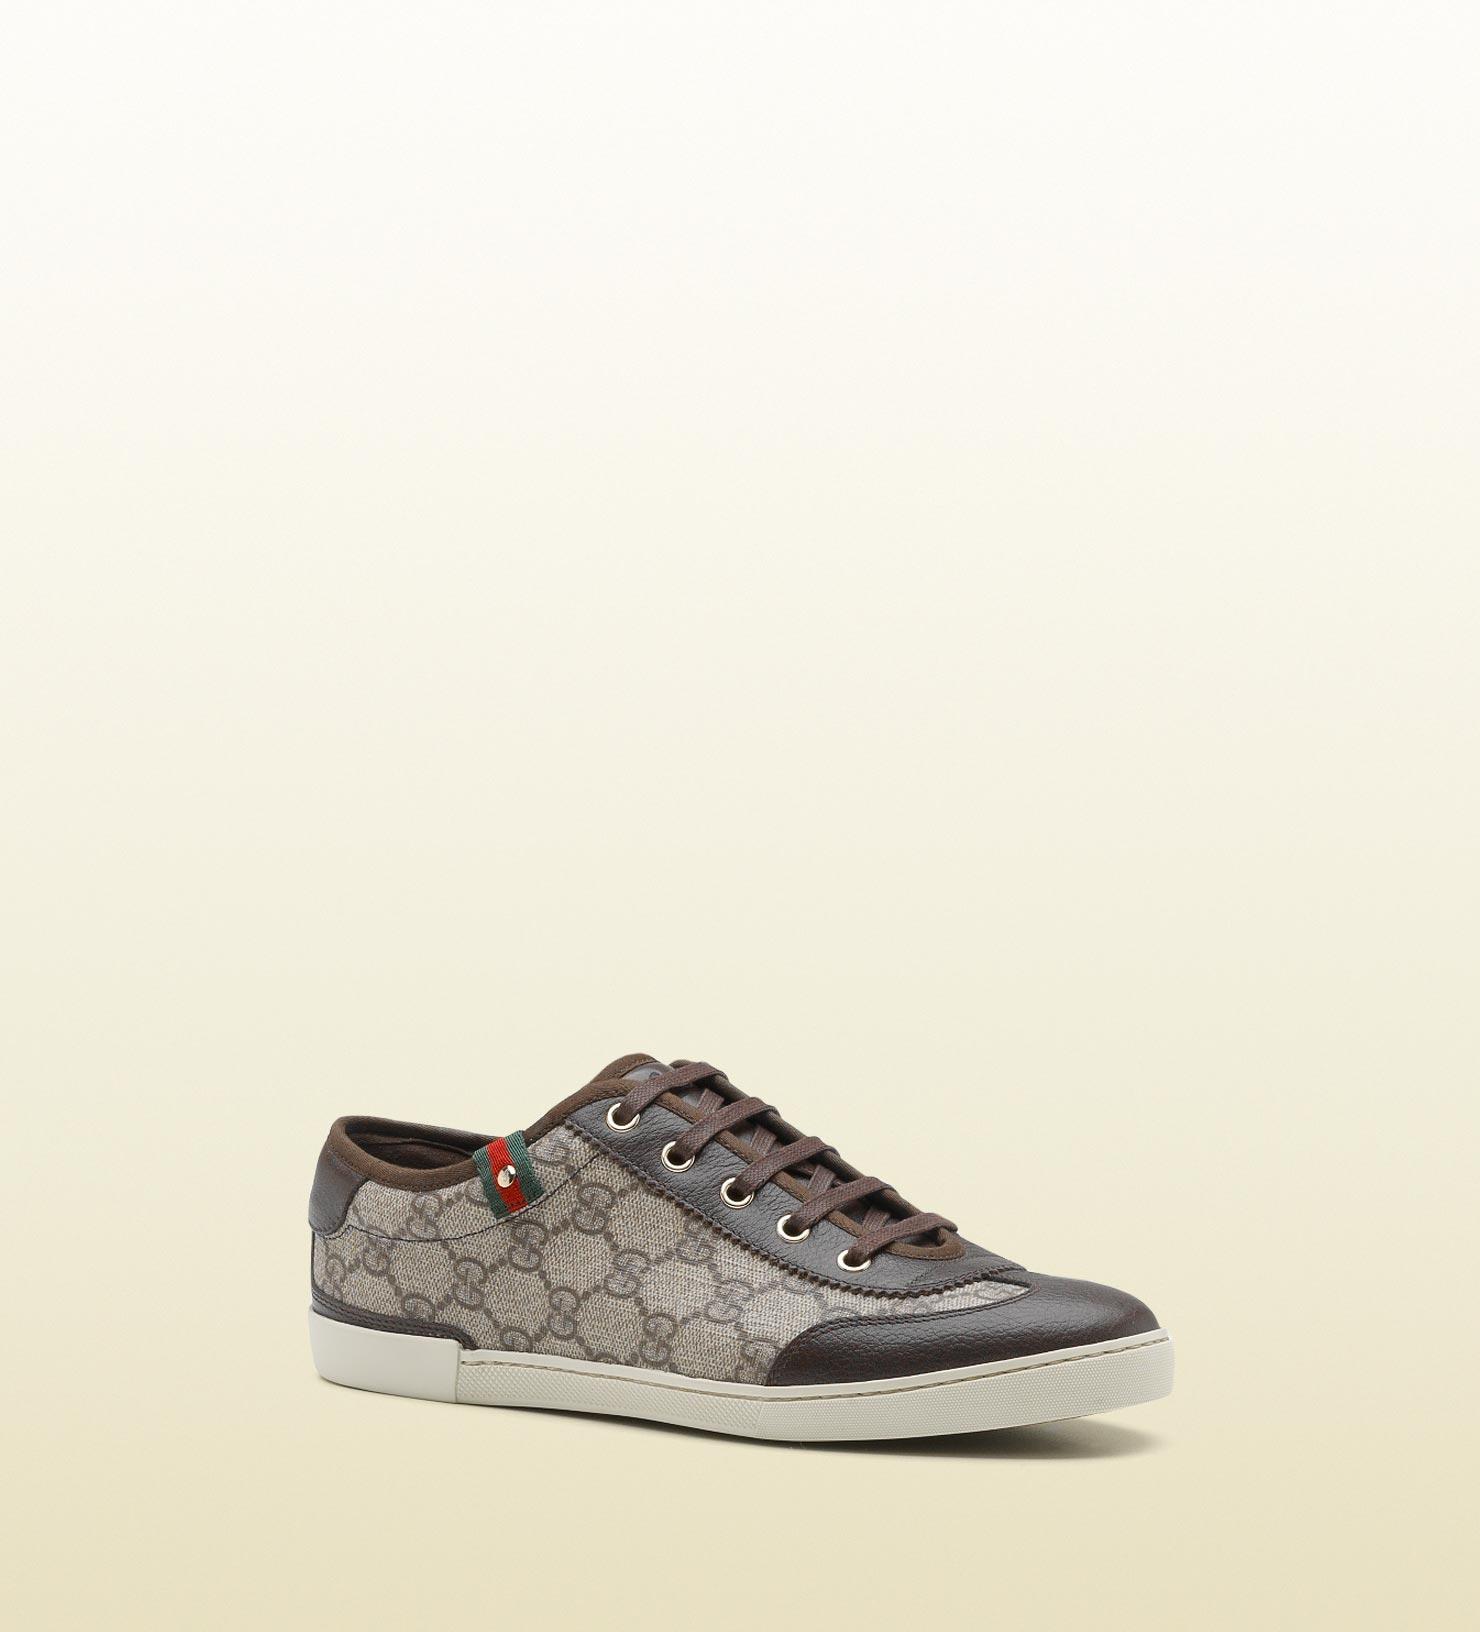 a2e74c21b37fa Lyst - Gucci Barcelona Gg Supreme Canvas Sneaker in Natural for Men